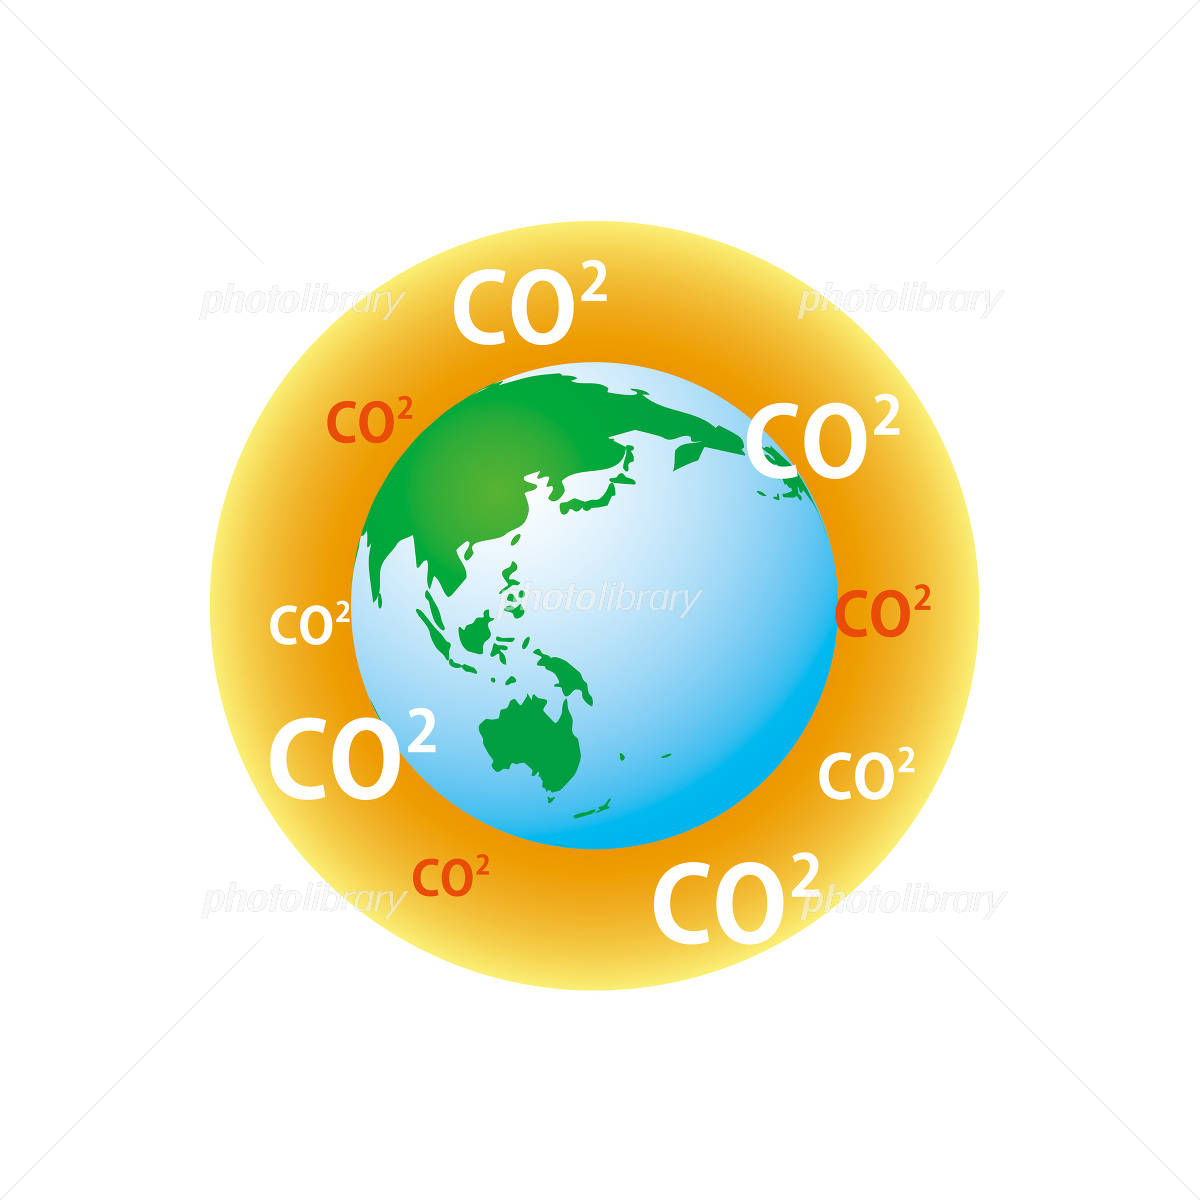 地球温暖化イメージ イラスト素材 [ 928092 ] - フォトライブラリー ...